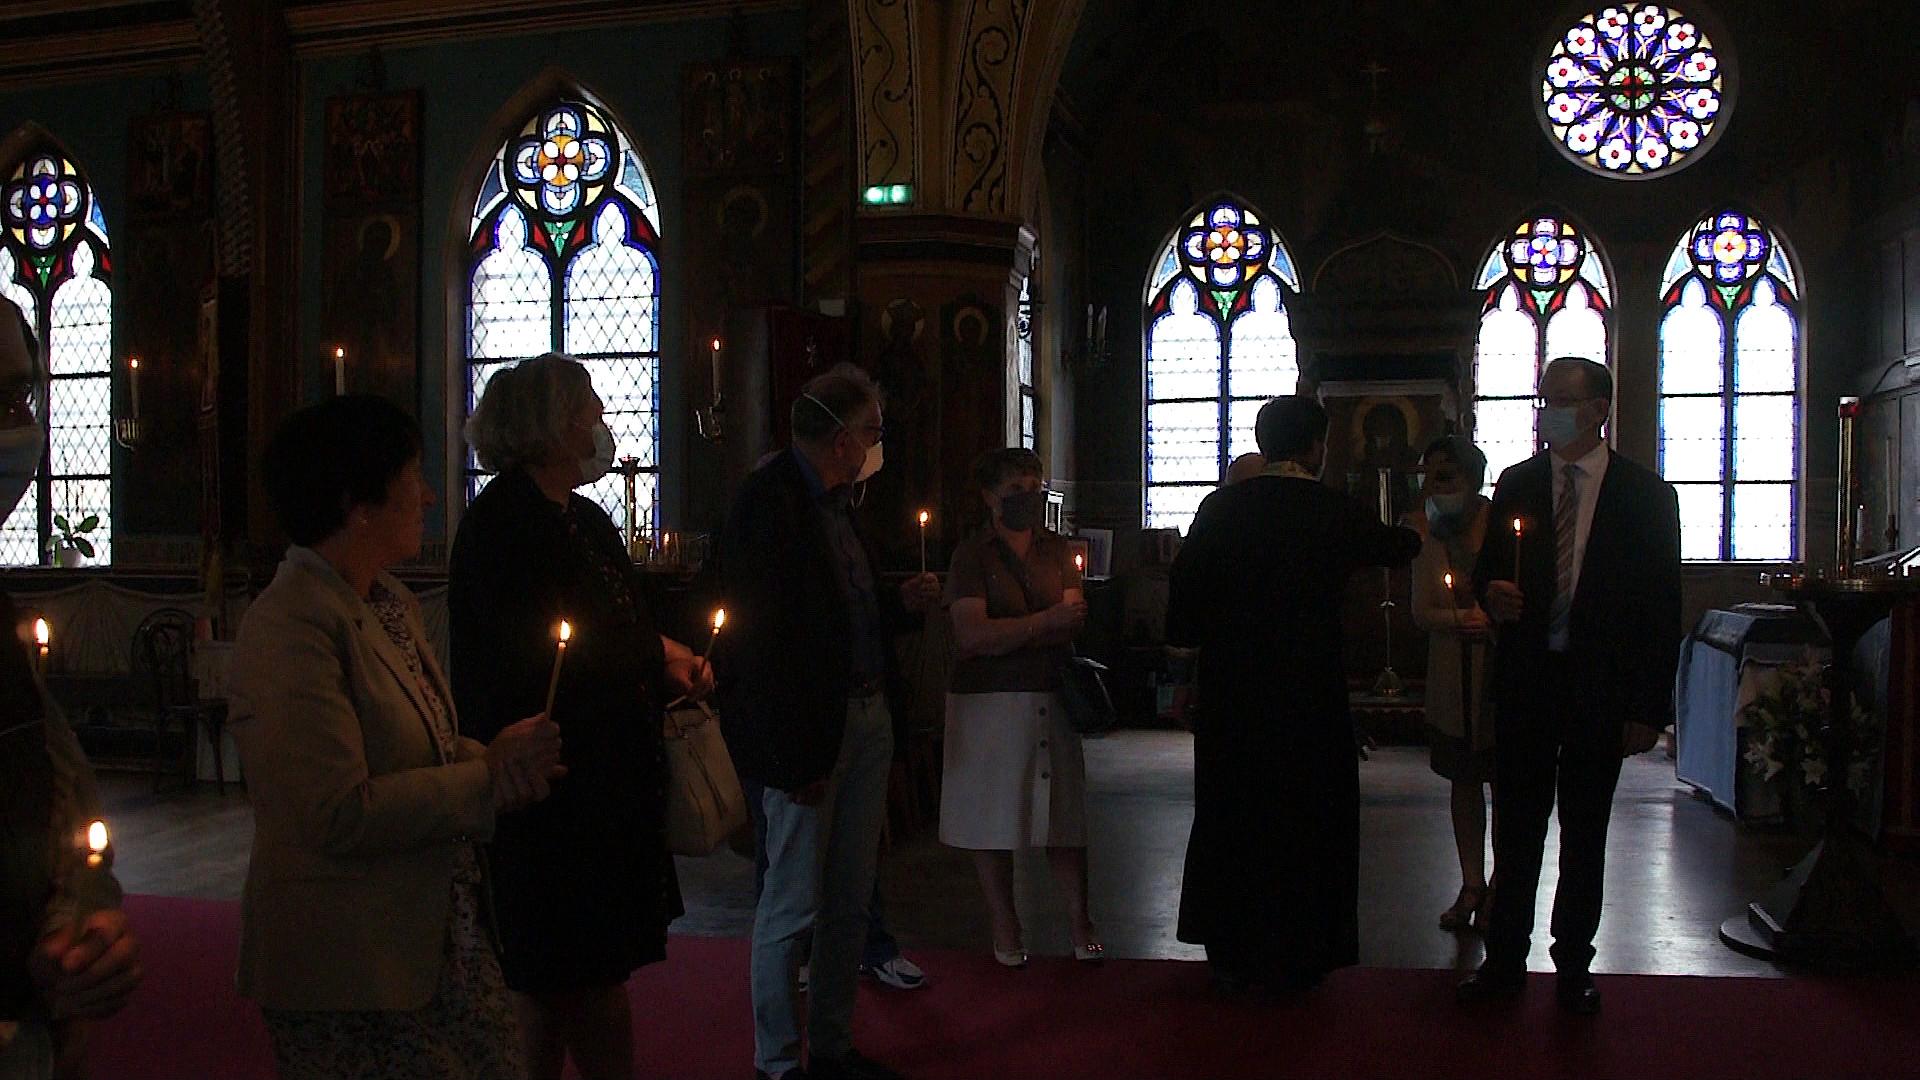 Во Франции в приходе Святого Сергия прошла панихида по жертвам теракта в Беслане